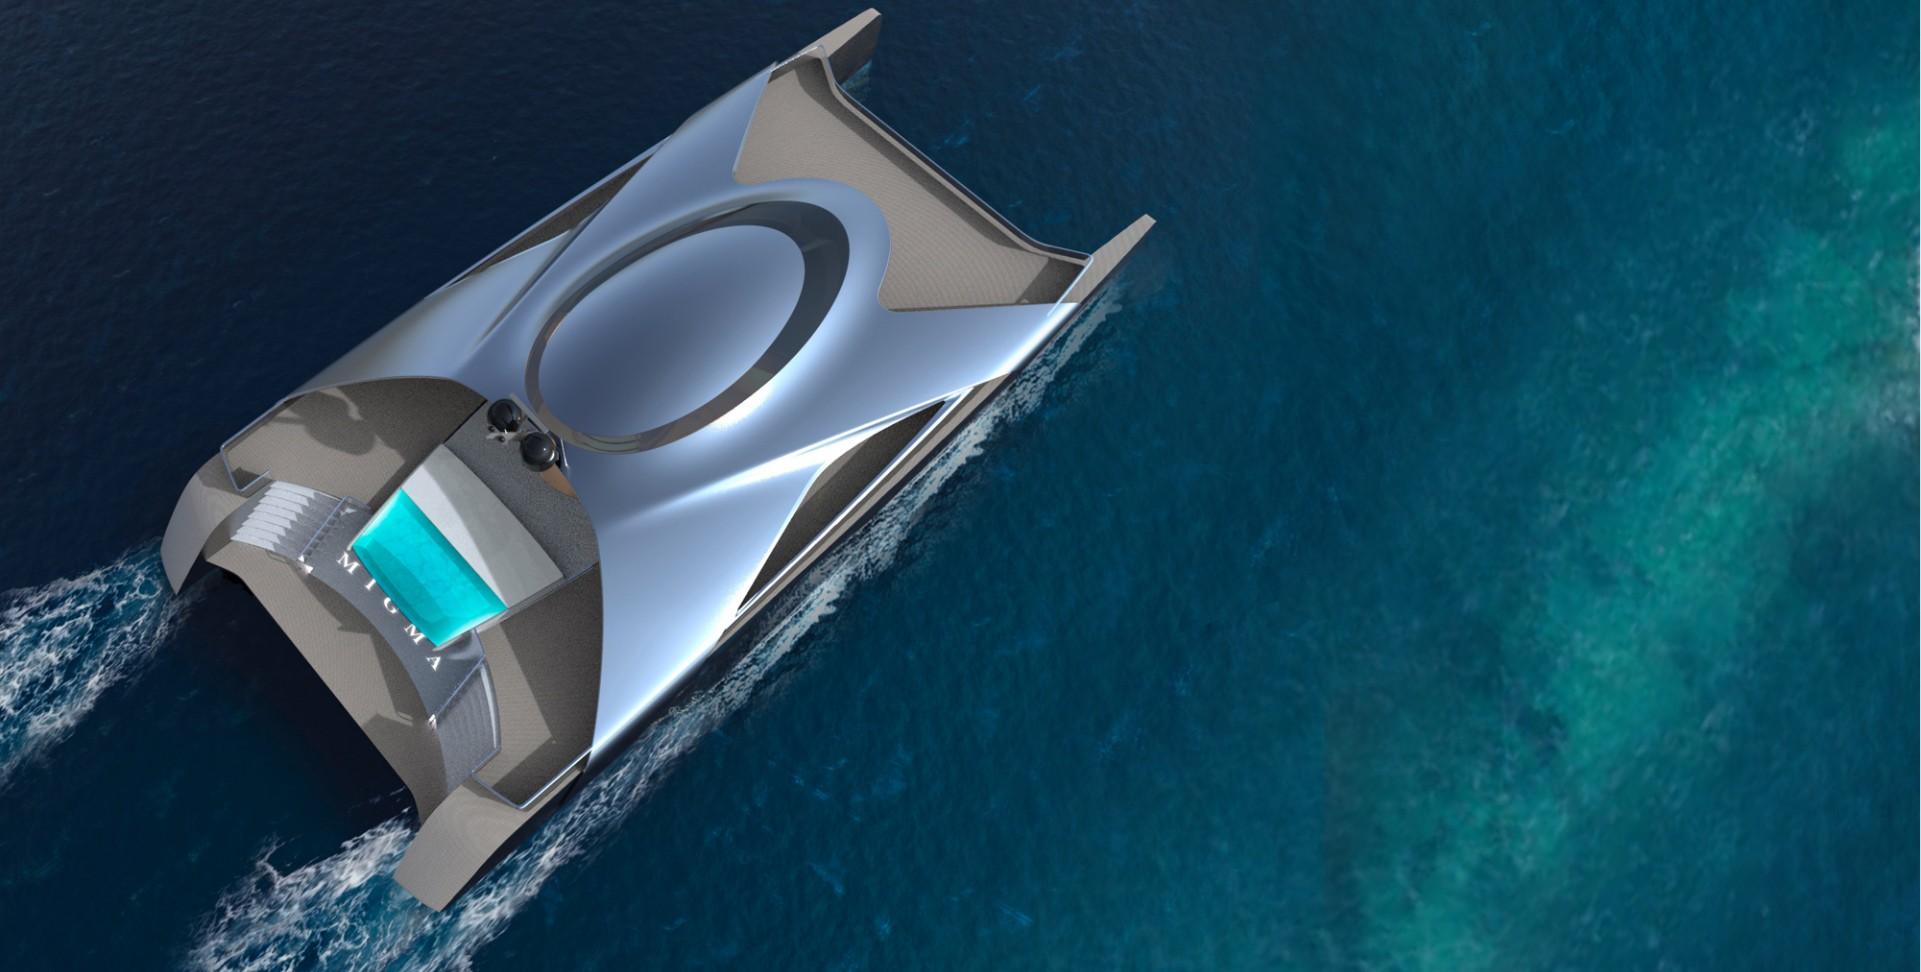 aerial shot of migma concept